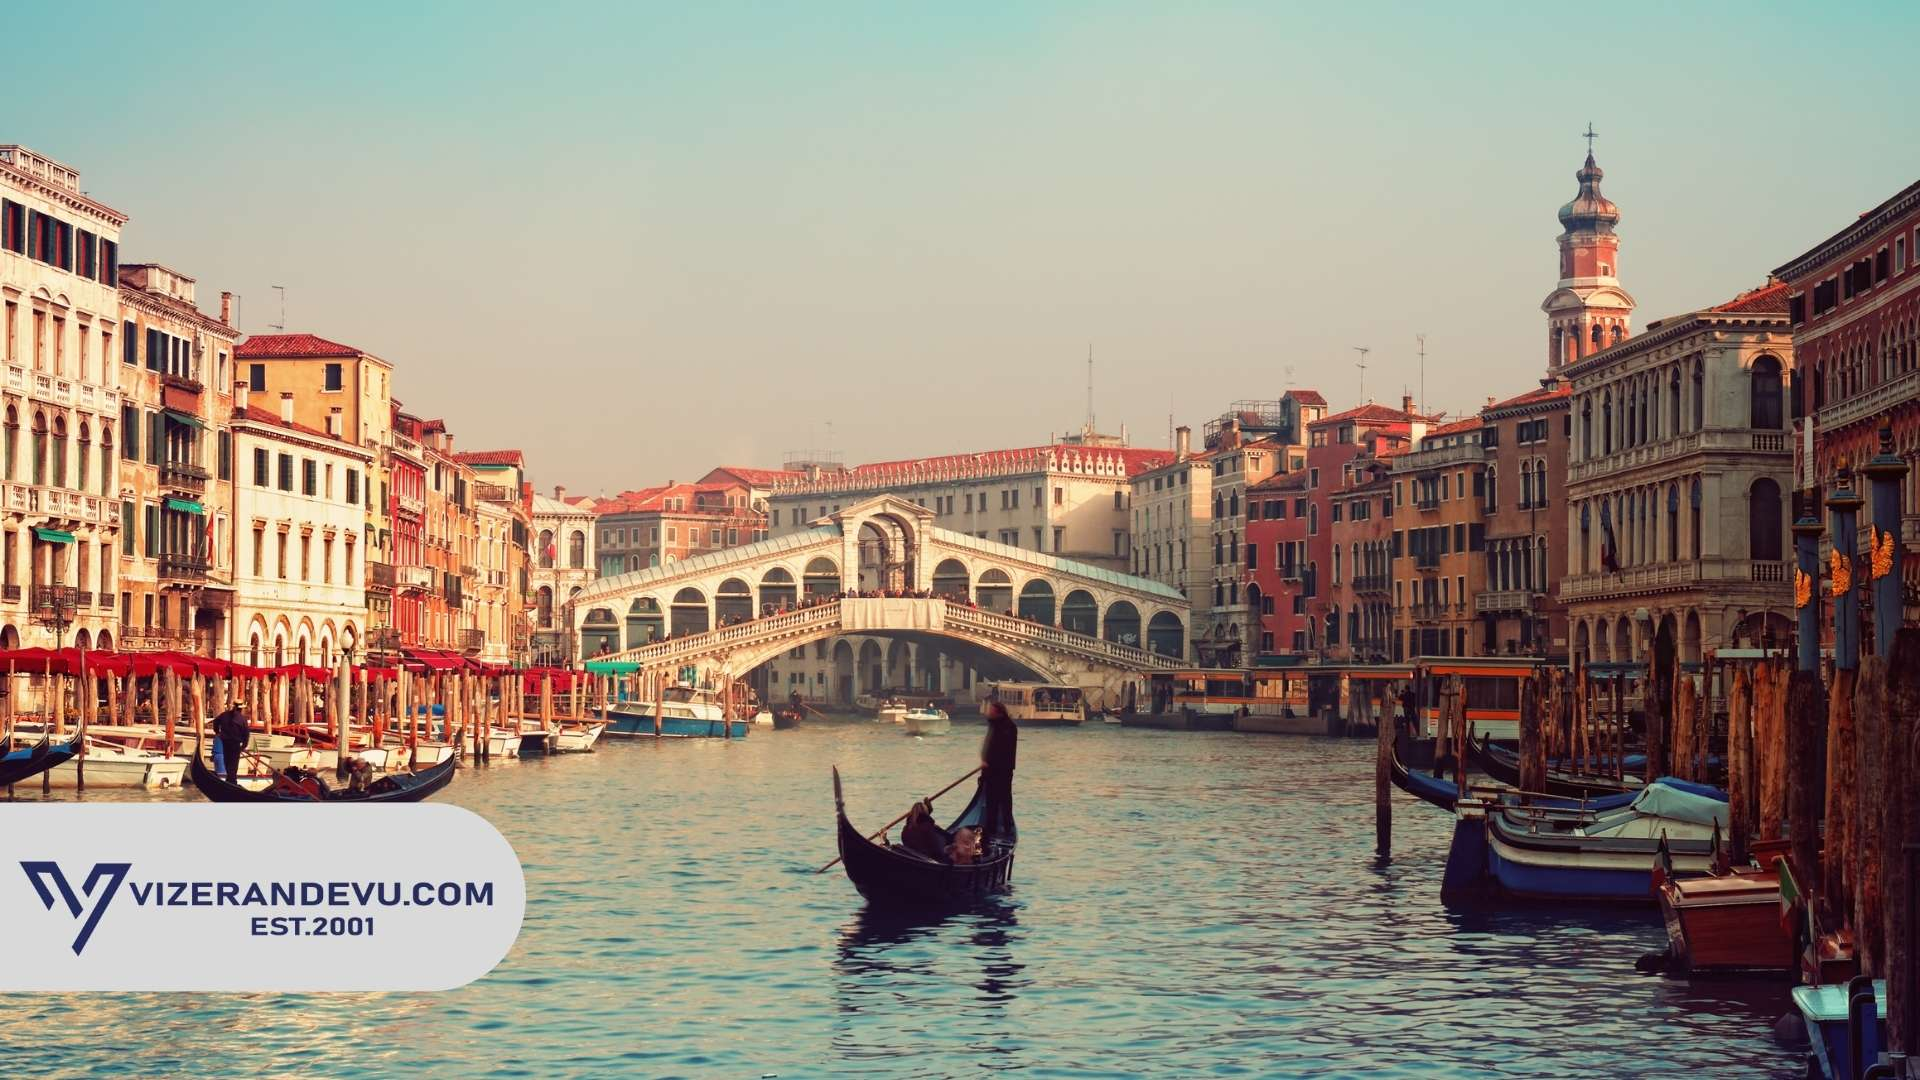 İtalya Vize Evrakları